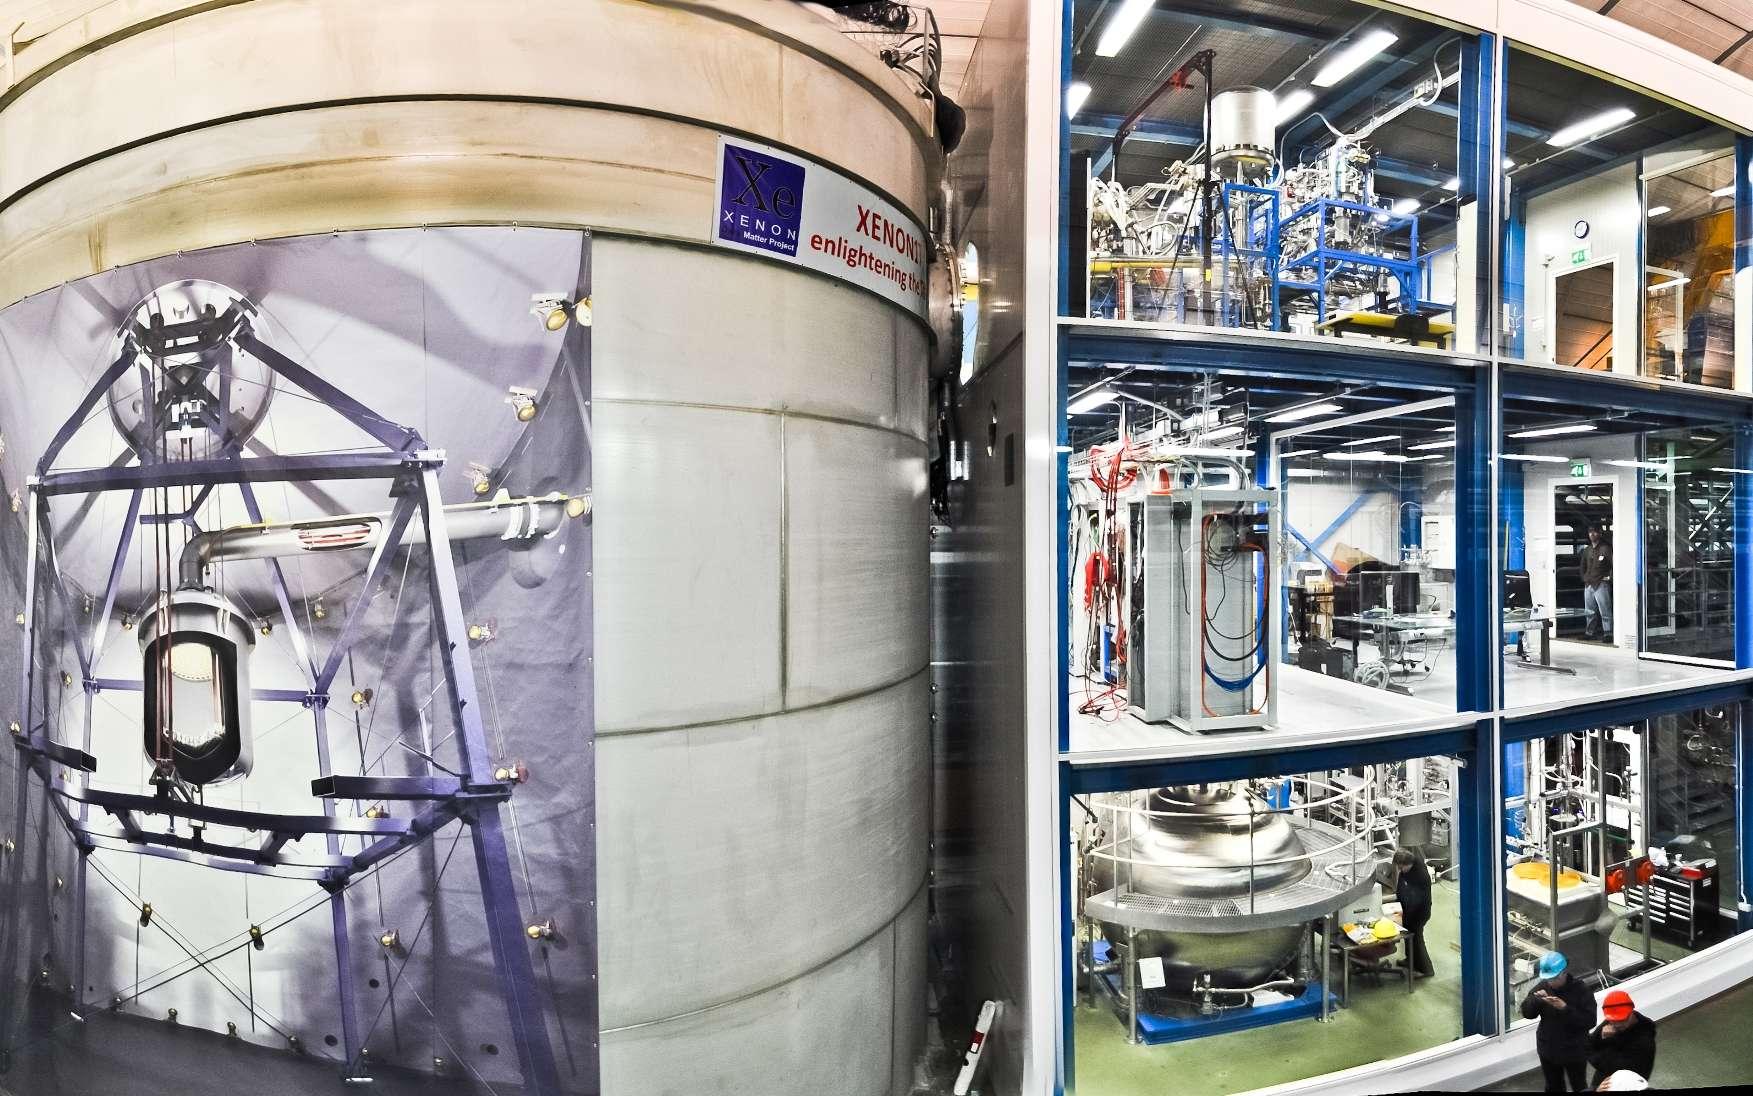 L'expérience Xenon 1T trouvera-t-elle de la matière noire ? Elle se trouve sous le Gran Sasso, en Italie, dans une caverne qui mesure 100 m de long, 20 m de large et 18 m de haut. Le nouvel instrument y est installé à l'intérieur d'un château d'eau de 10 m de diamètre afin de le protéger de la radioactivité naturelle de l'environnement. © Xenon Collaboration